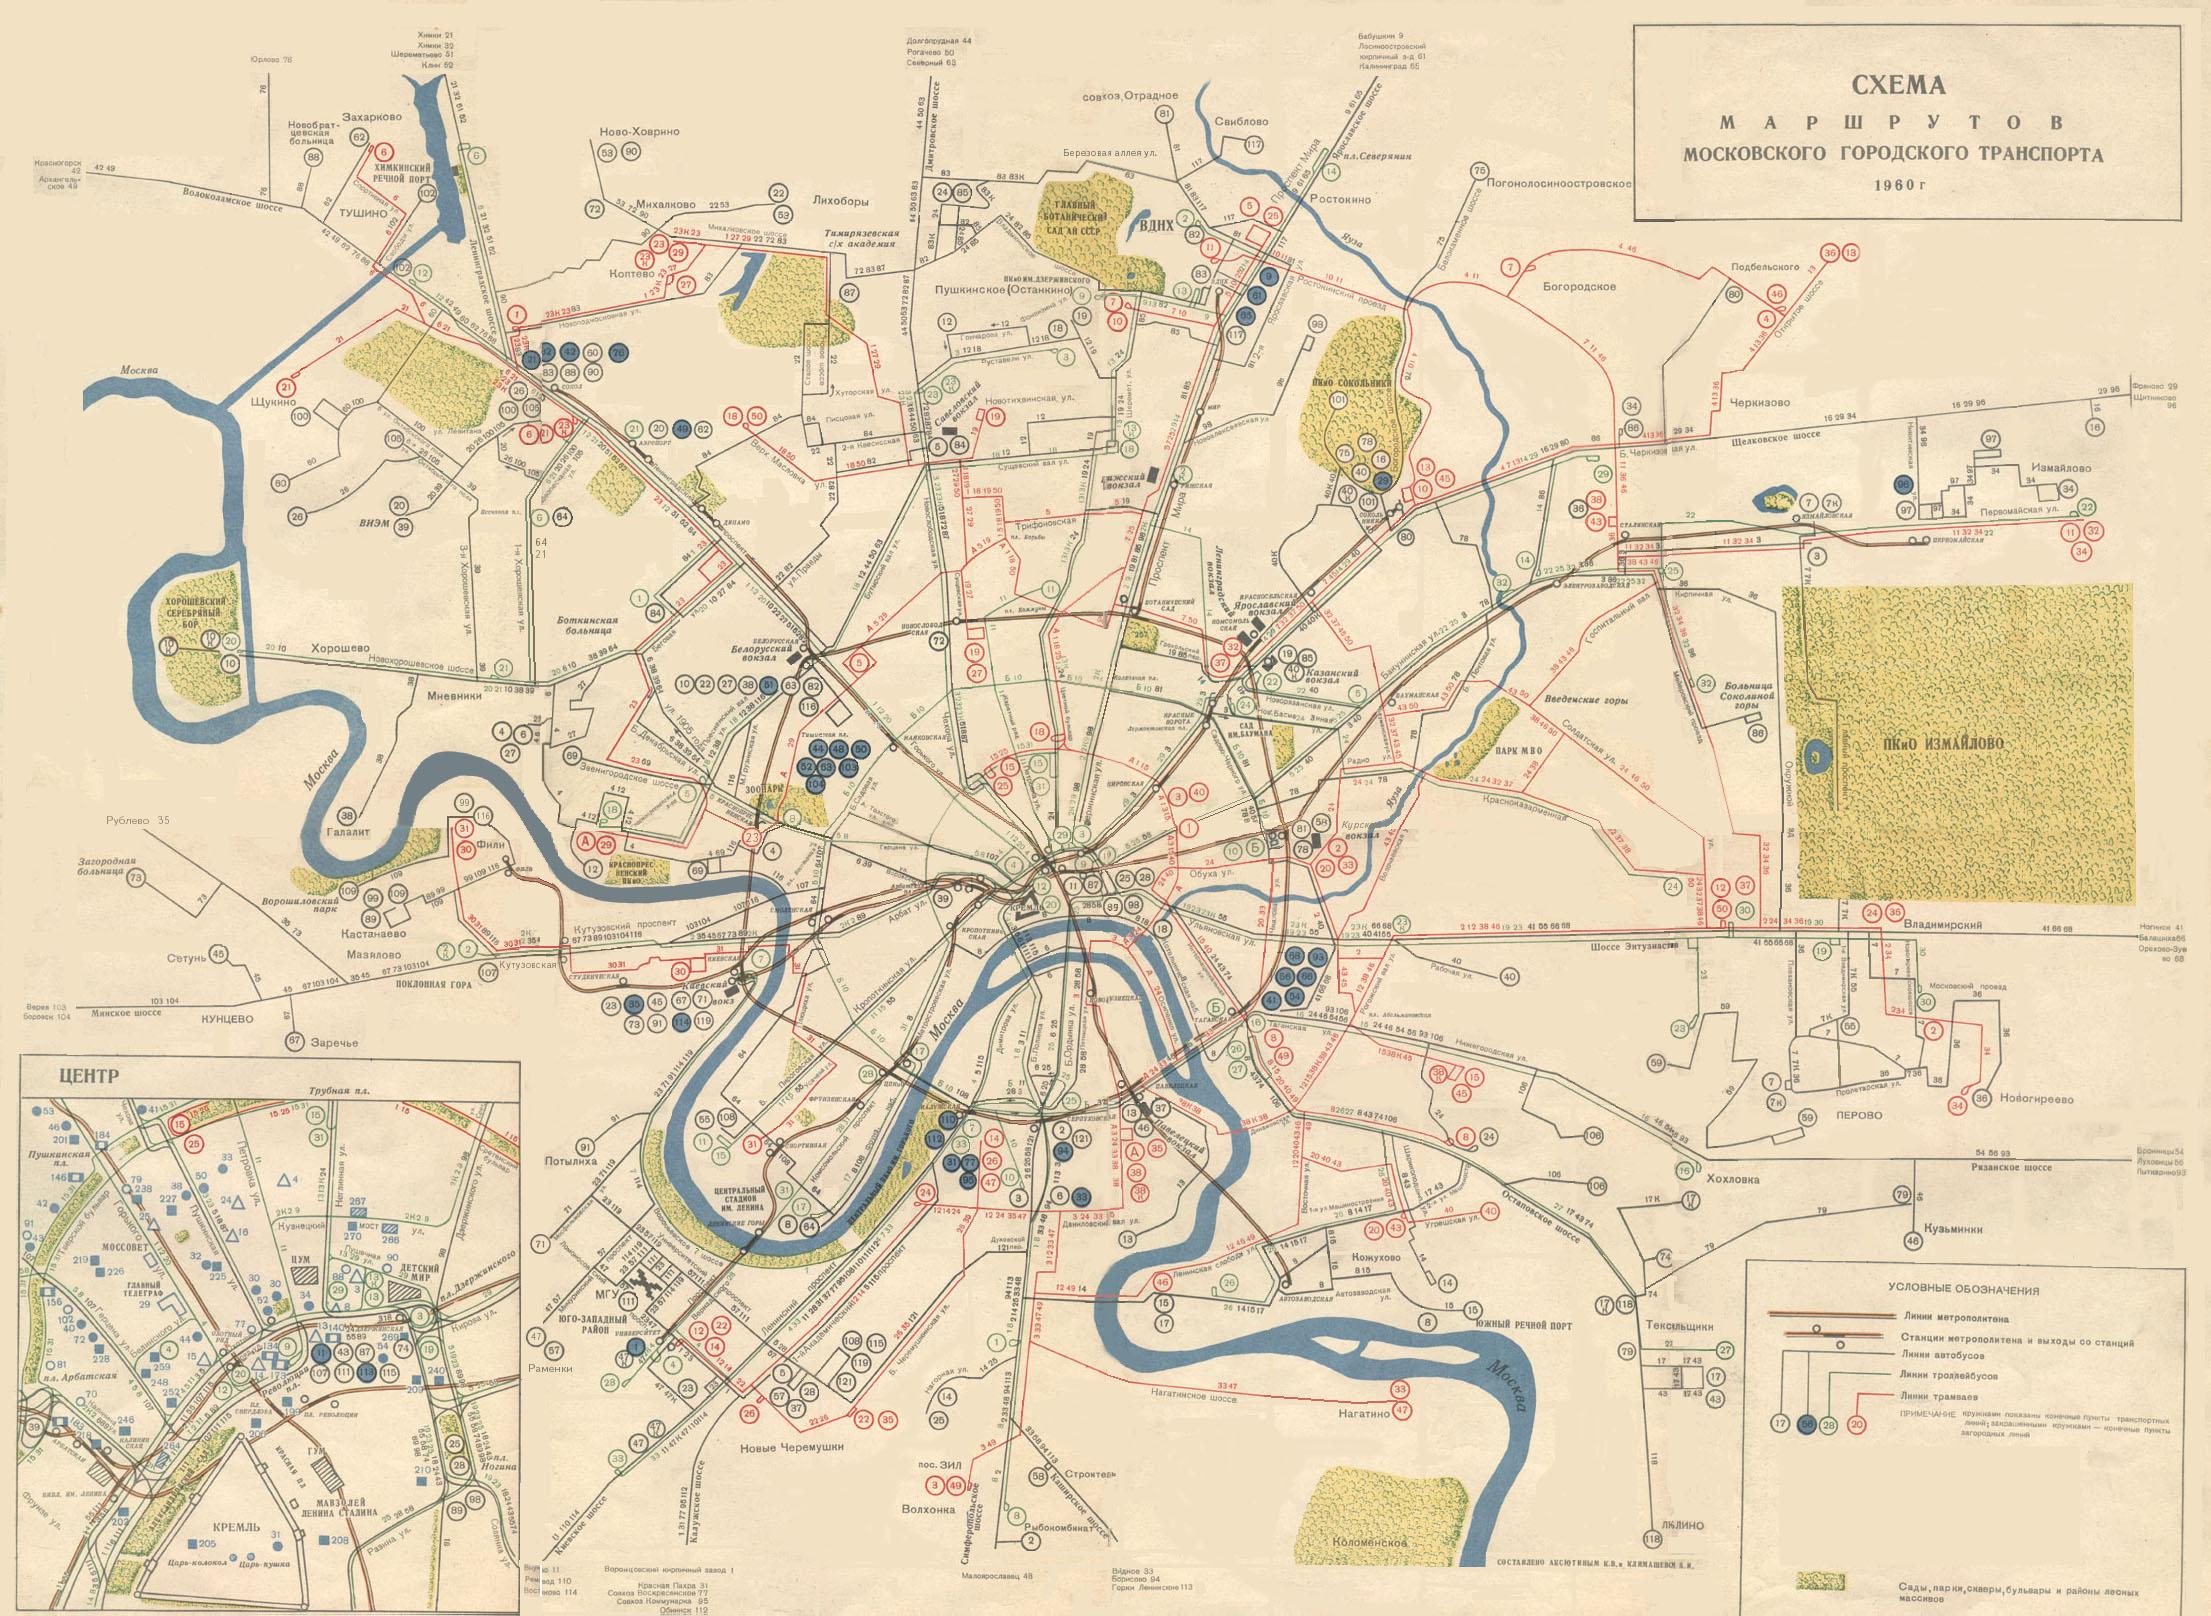 Схема маршрутов городского транспорта История Москвы в картинках Старые карты Москвы и других городов.